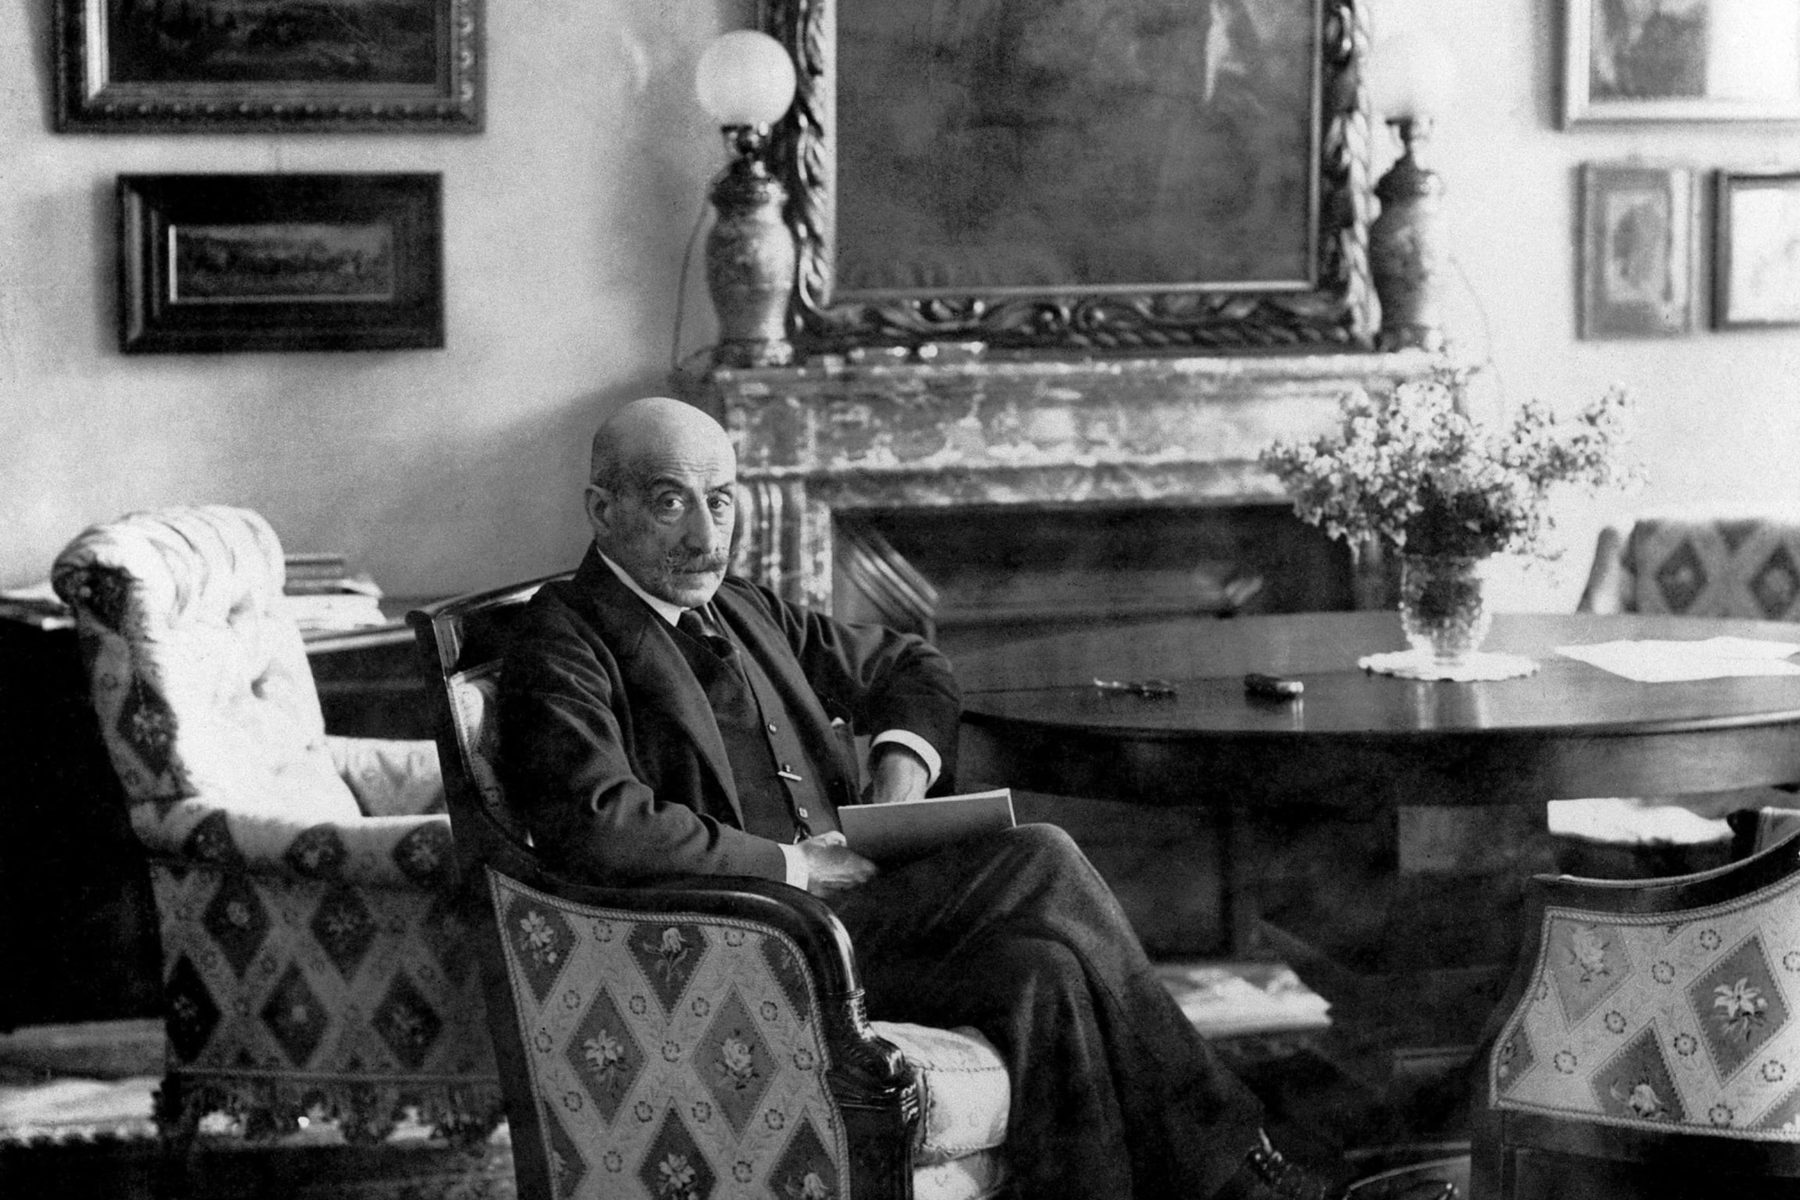 Max Liebermann sitzt in seinem Kaminzimmer, seine Beine sind überkreuzt. In dem Zimmer stehen vier Sessel an einem Rundtisch, darunter liegt ein schwerer Teppich. Die Wände sind mit Gemälden behangen.